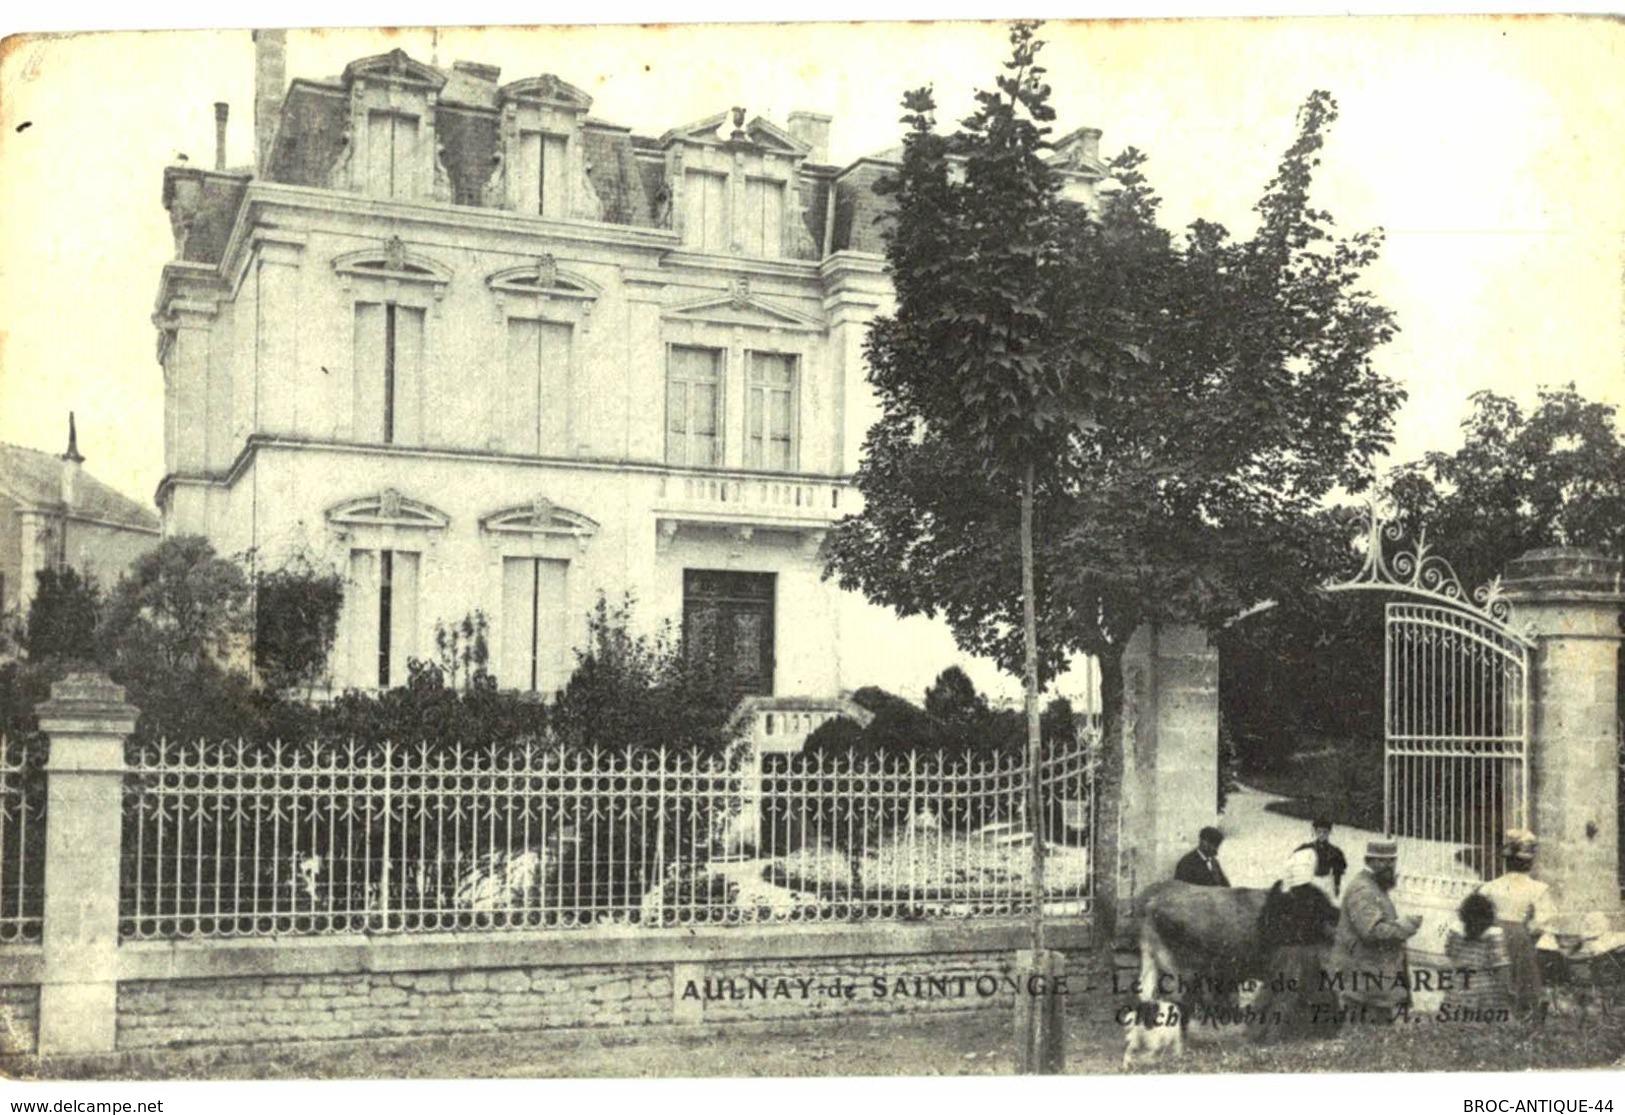 CPA N°20599 - AULNAY DE SAINTONGE - LE CHATEAU DE MINARET - Aulnay